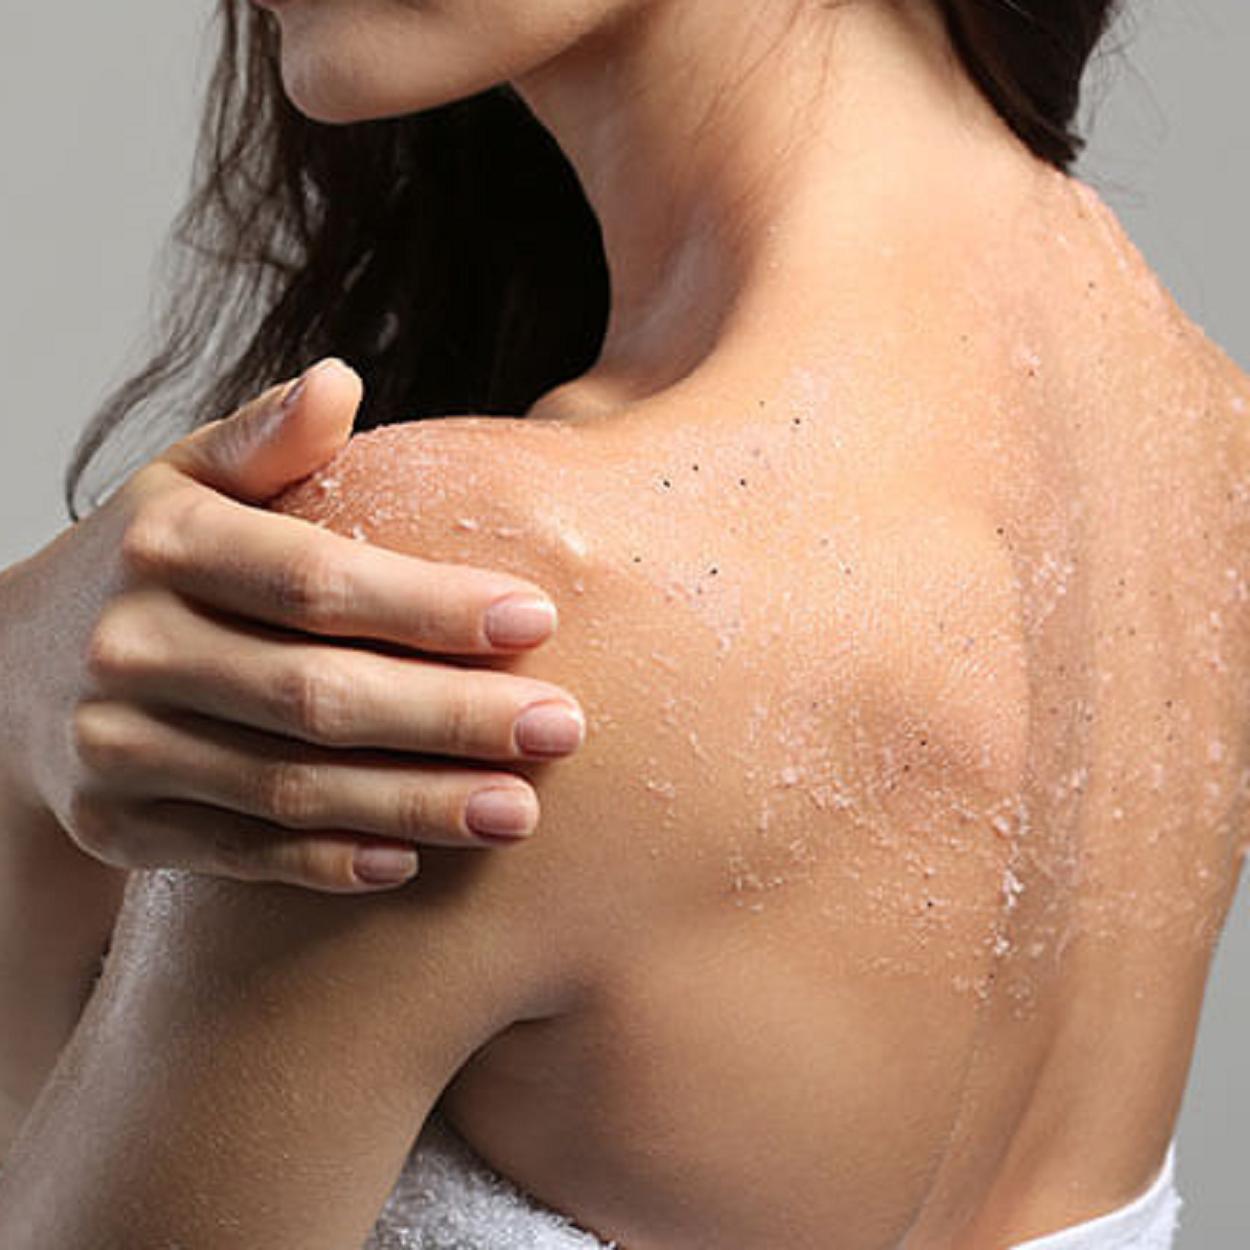 esfoliar a pele para Remover autobronzeador do corpo